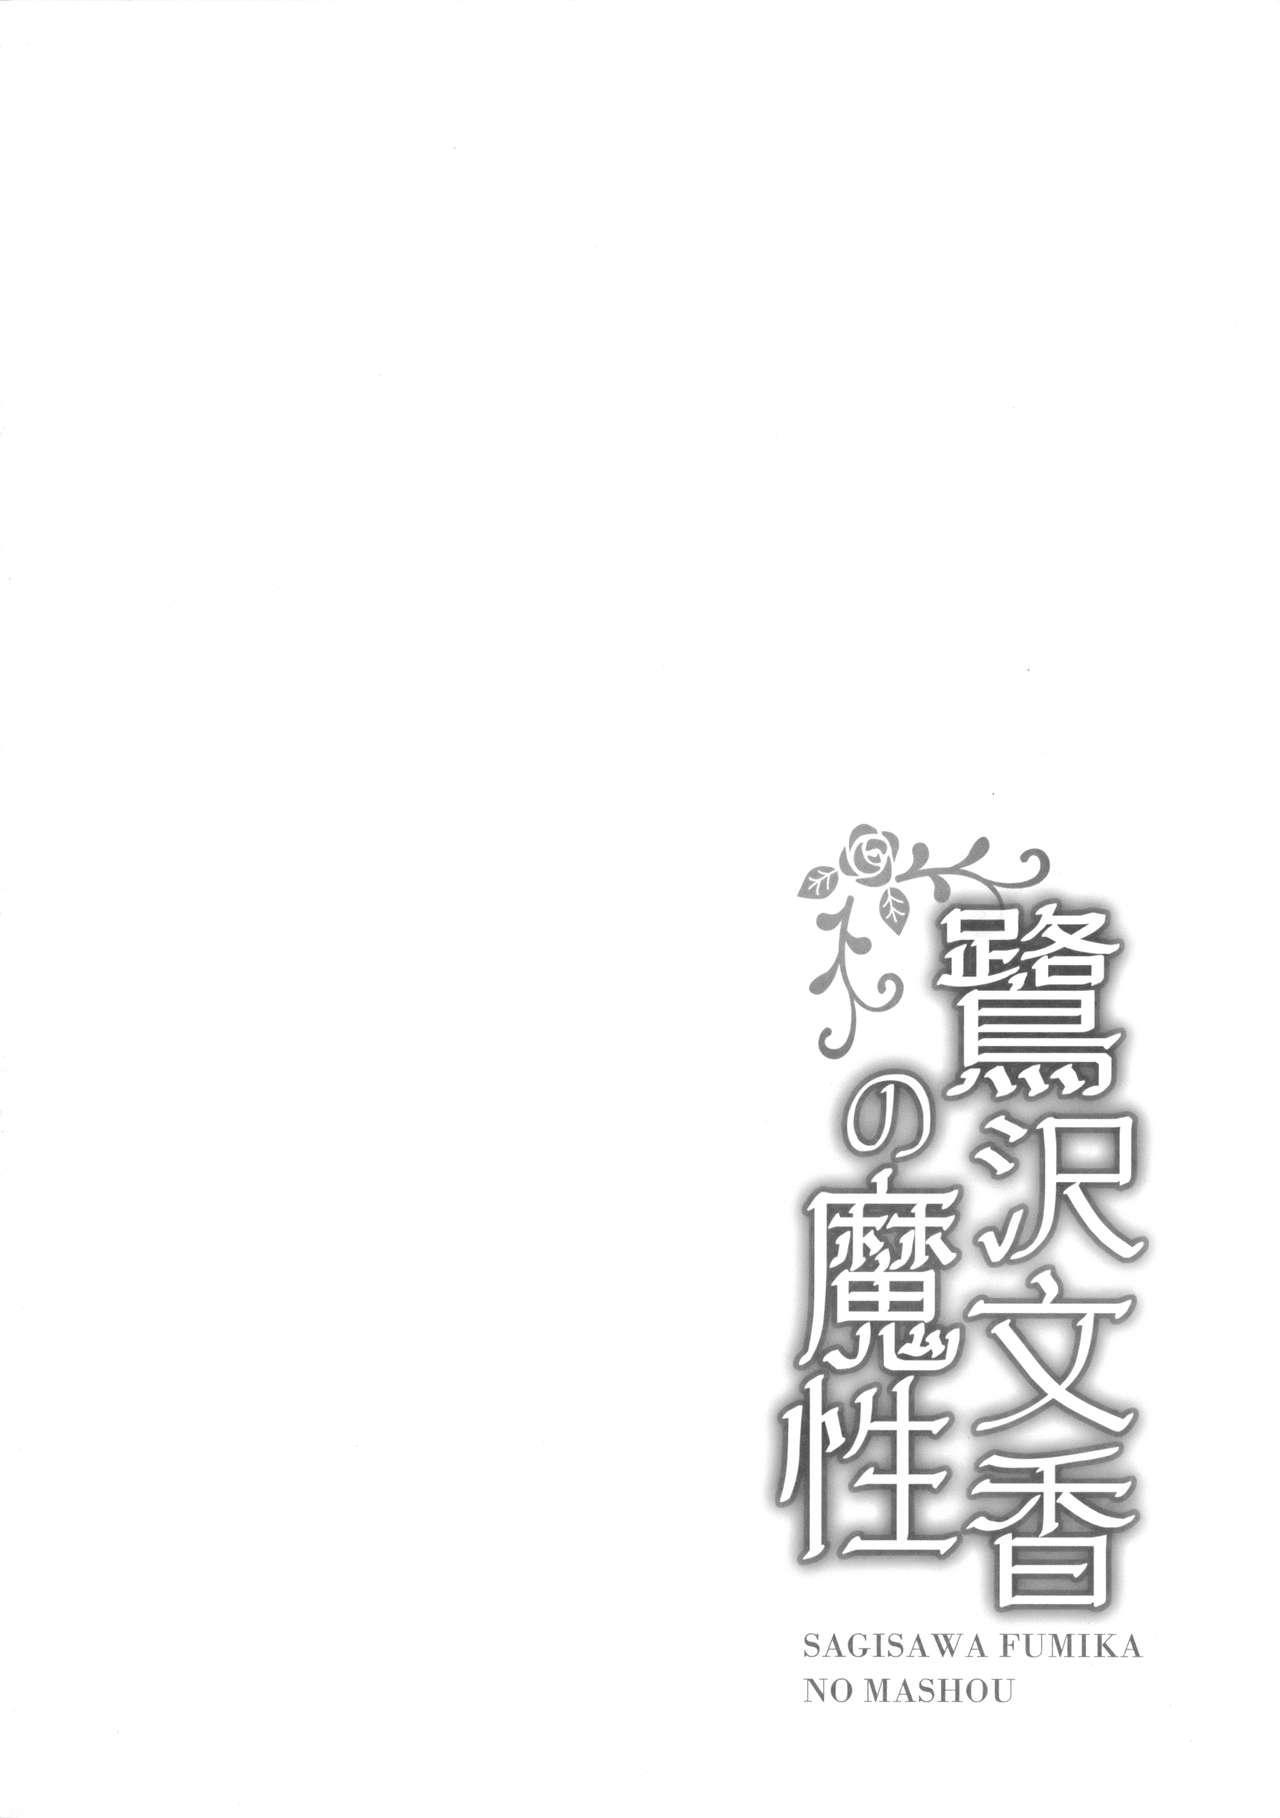 Sagisawa Fumika no Mashou 2